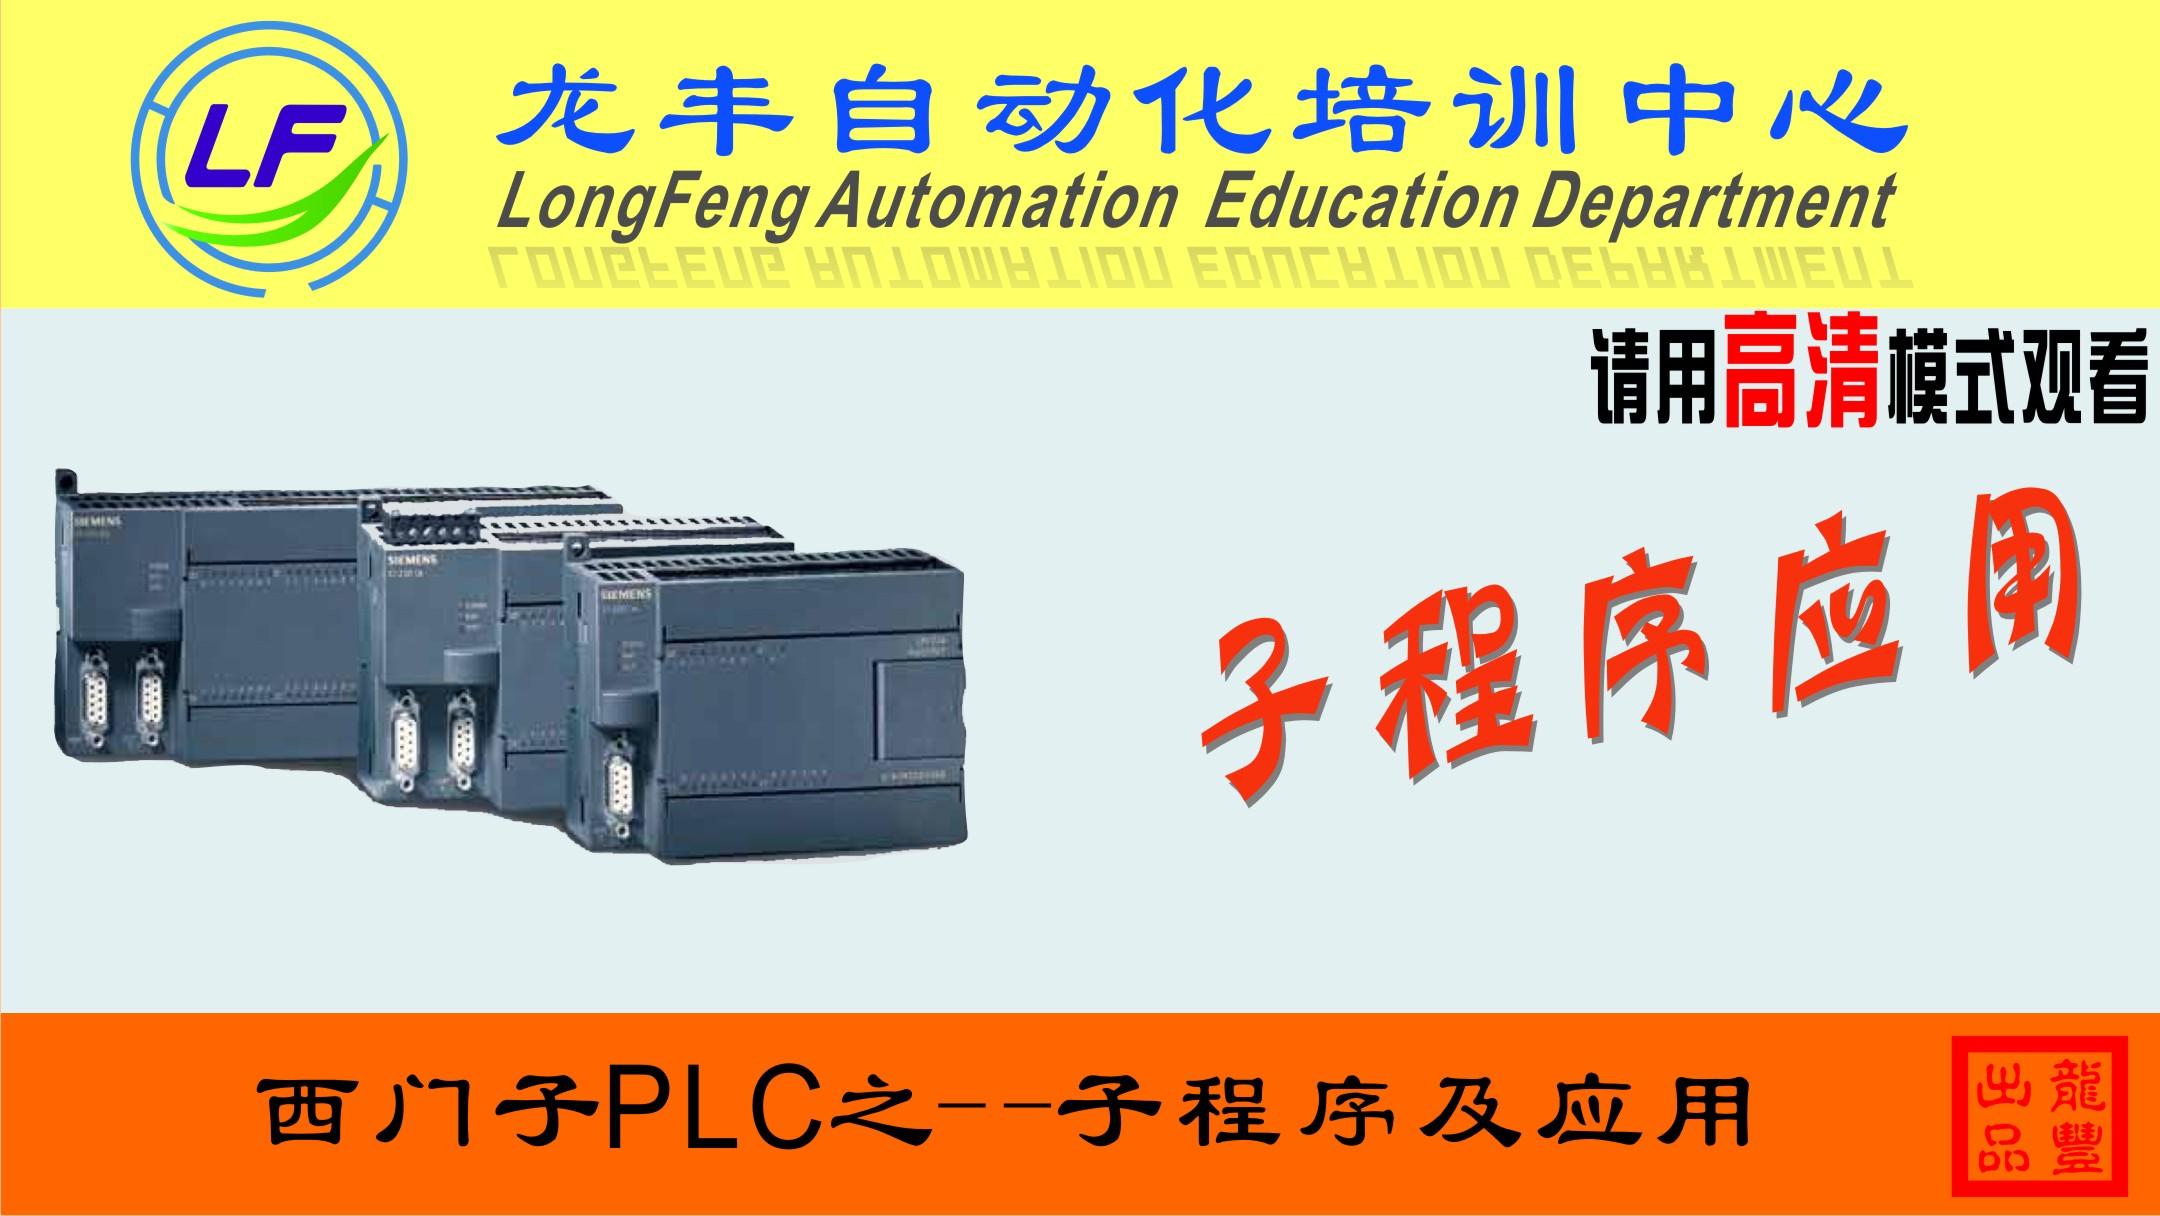 西门子PLC-s7200子程序应用